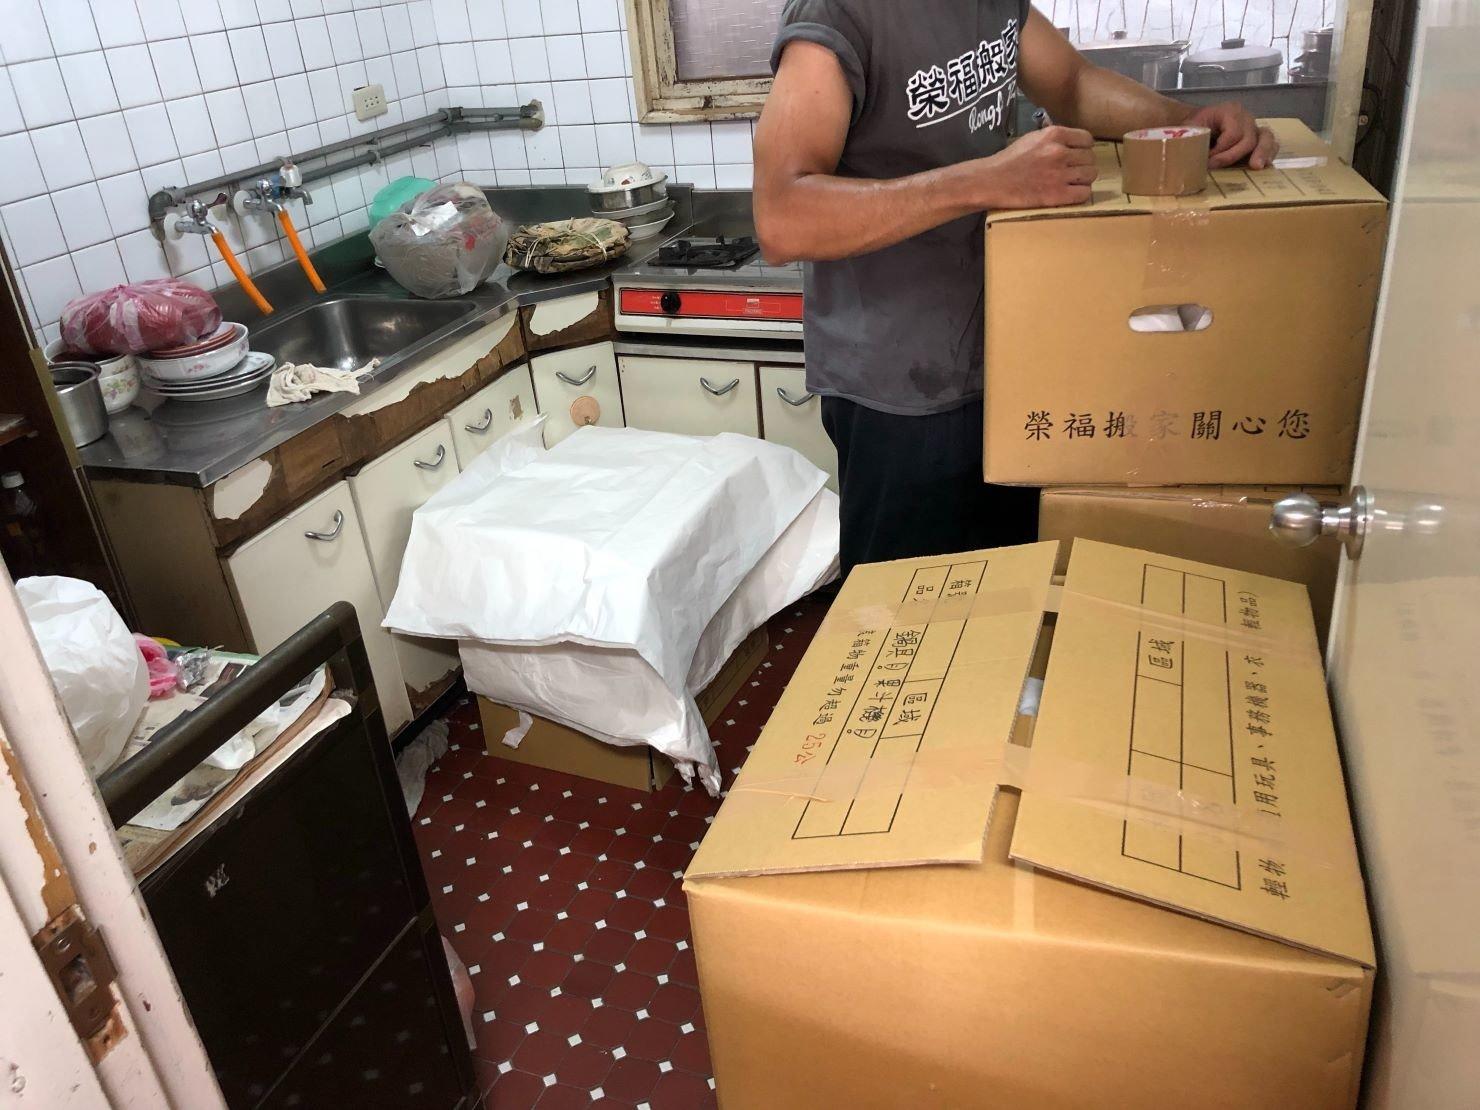 搬家公司【榮福搬家】優質搬家服務,值得您的信賴與選擇:廚房打包-箱底箱口以透明膠帶緊封,確實封箱後在箱外標記註明提醒搬運的師傅們。